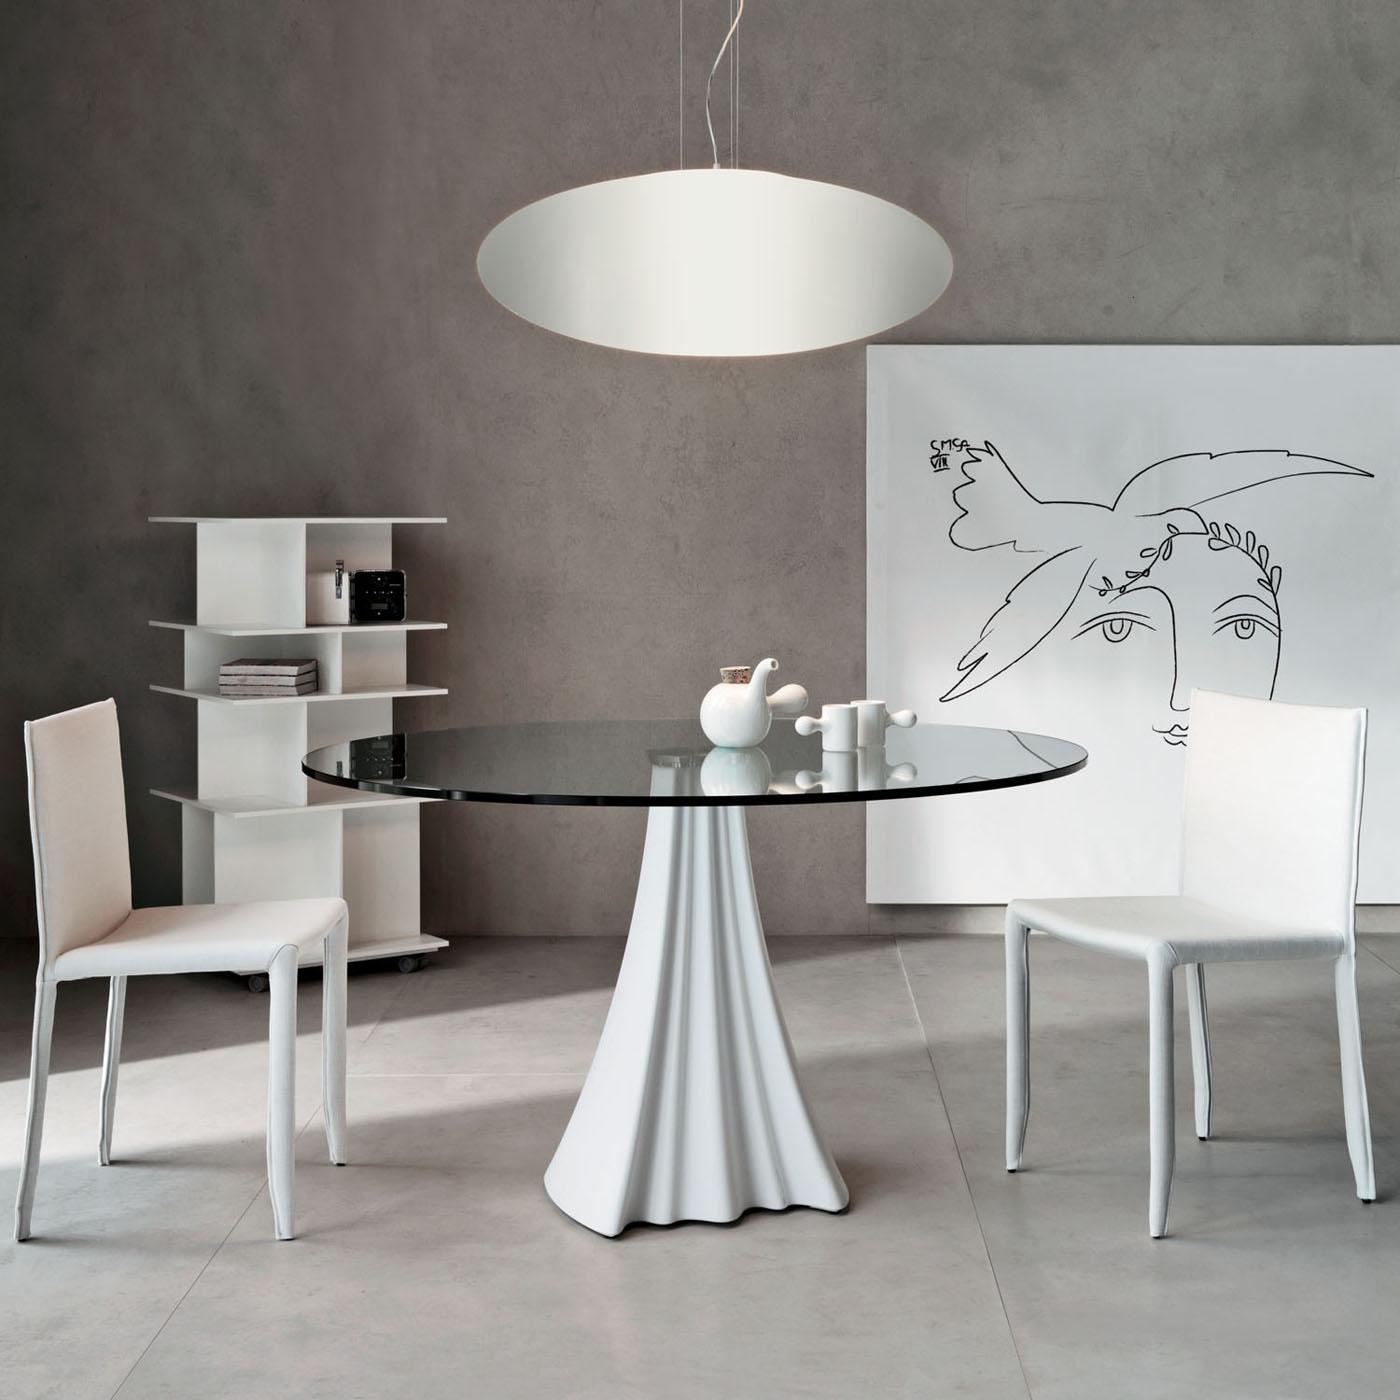 Mesas para comedores peque os for Decoracion para mesa de comedor